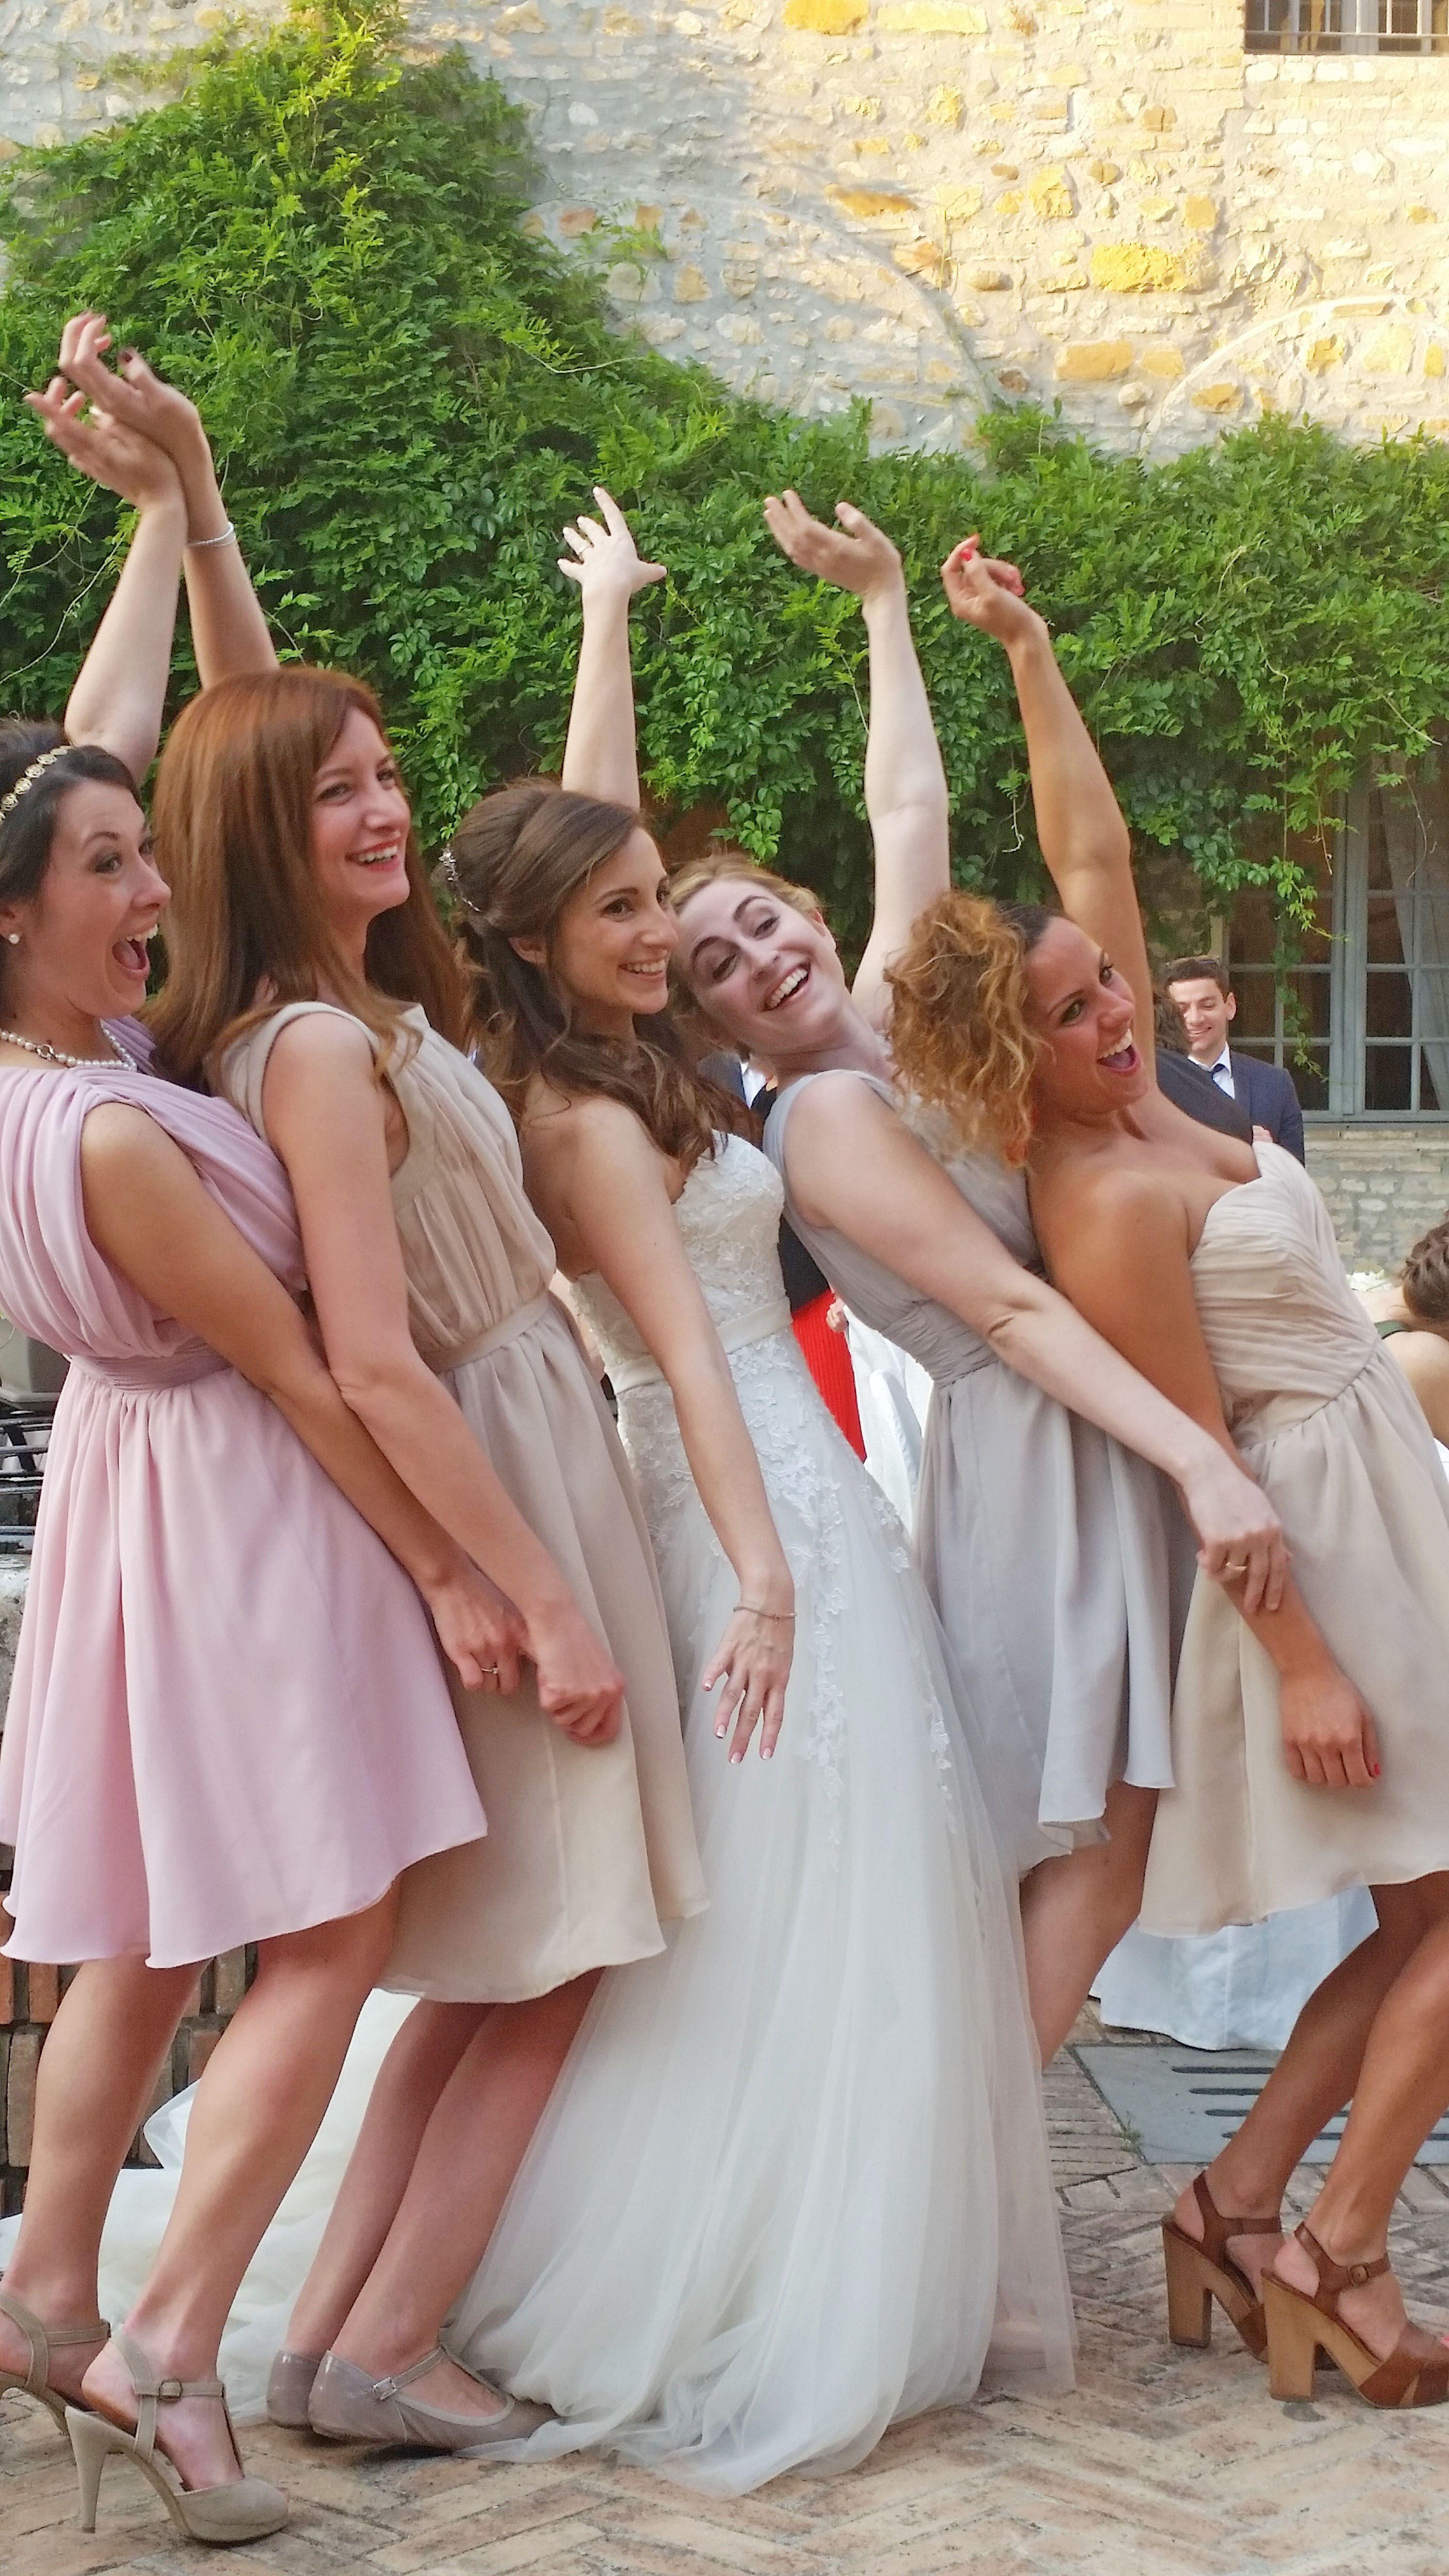 bb2f942f0202 bridesmaids soft colors. Damigelle colori pastello